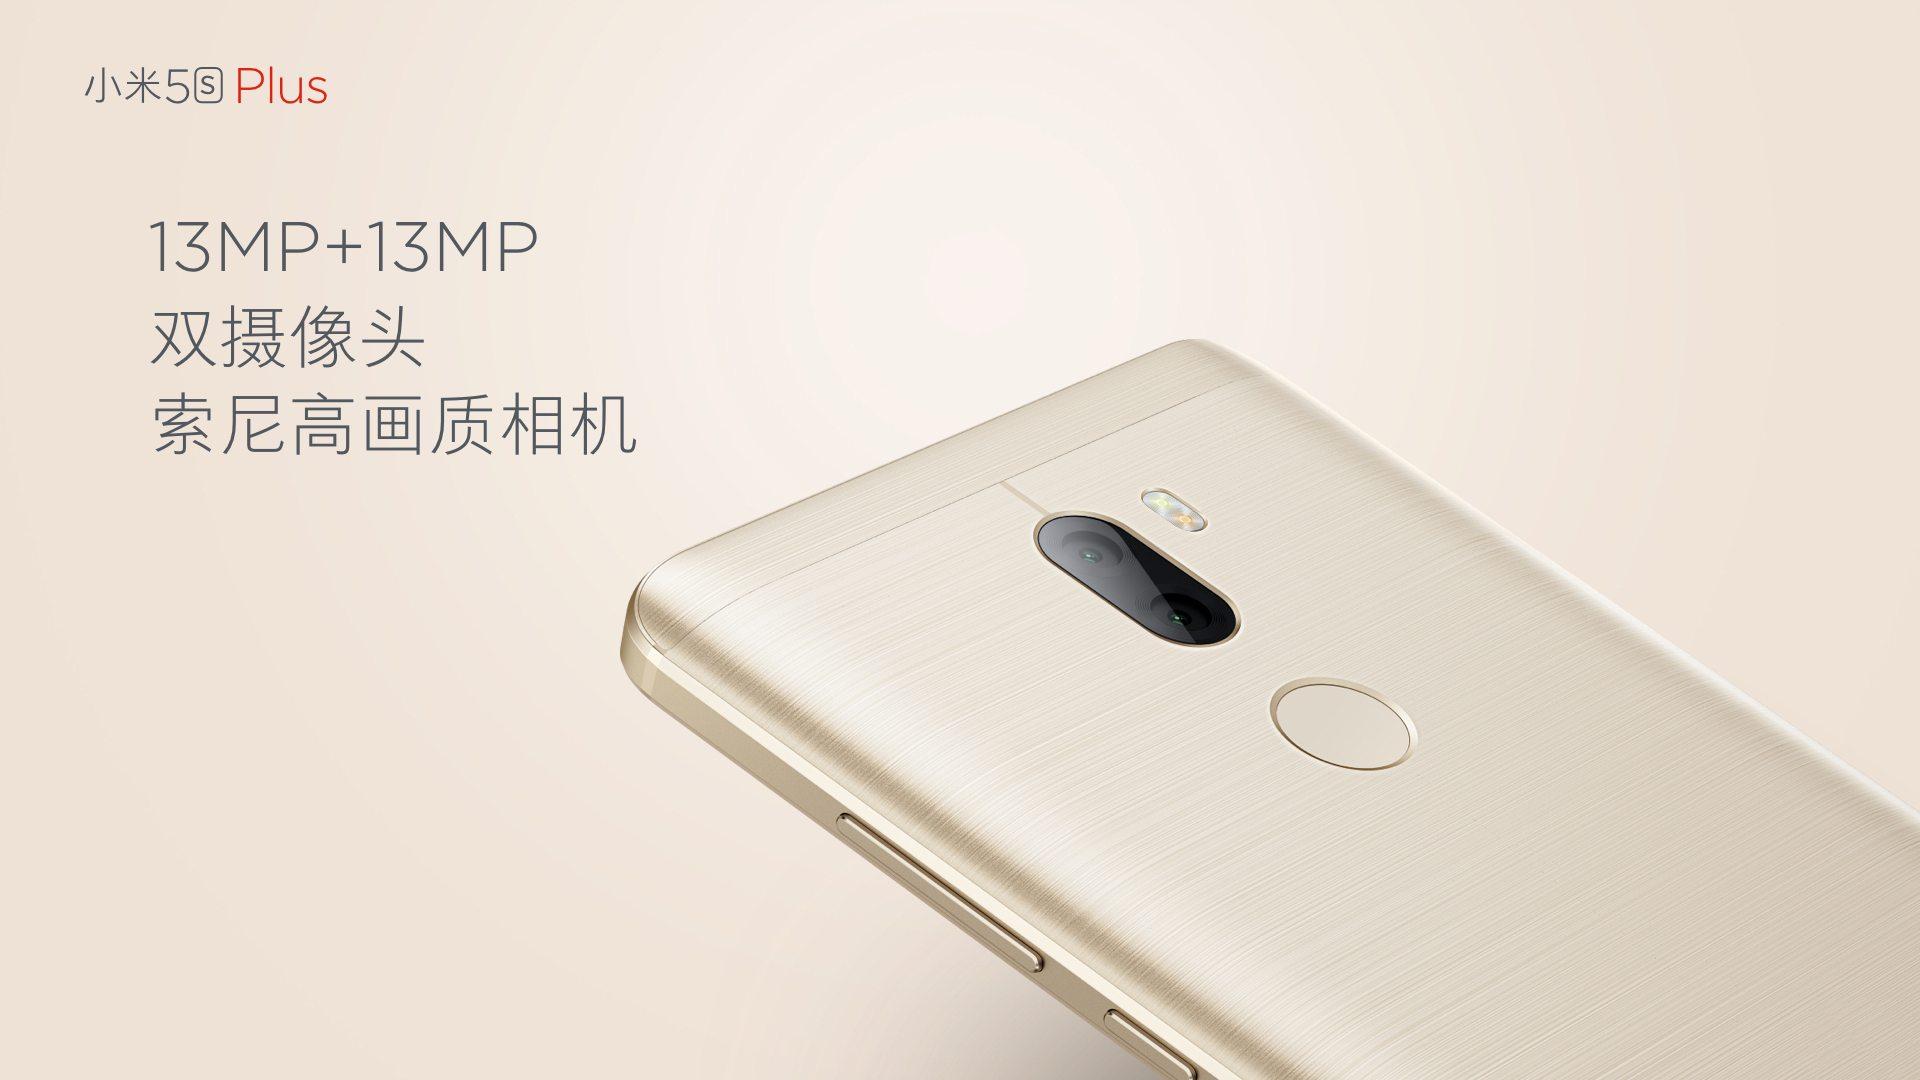 xiaomi-mi5s-plus-oficialne-3